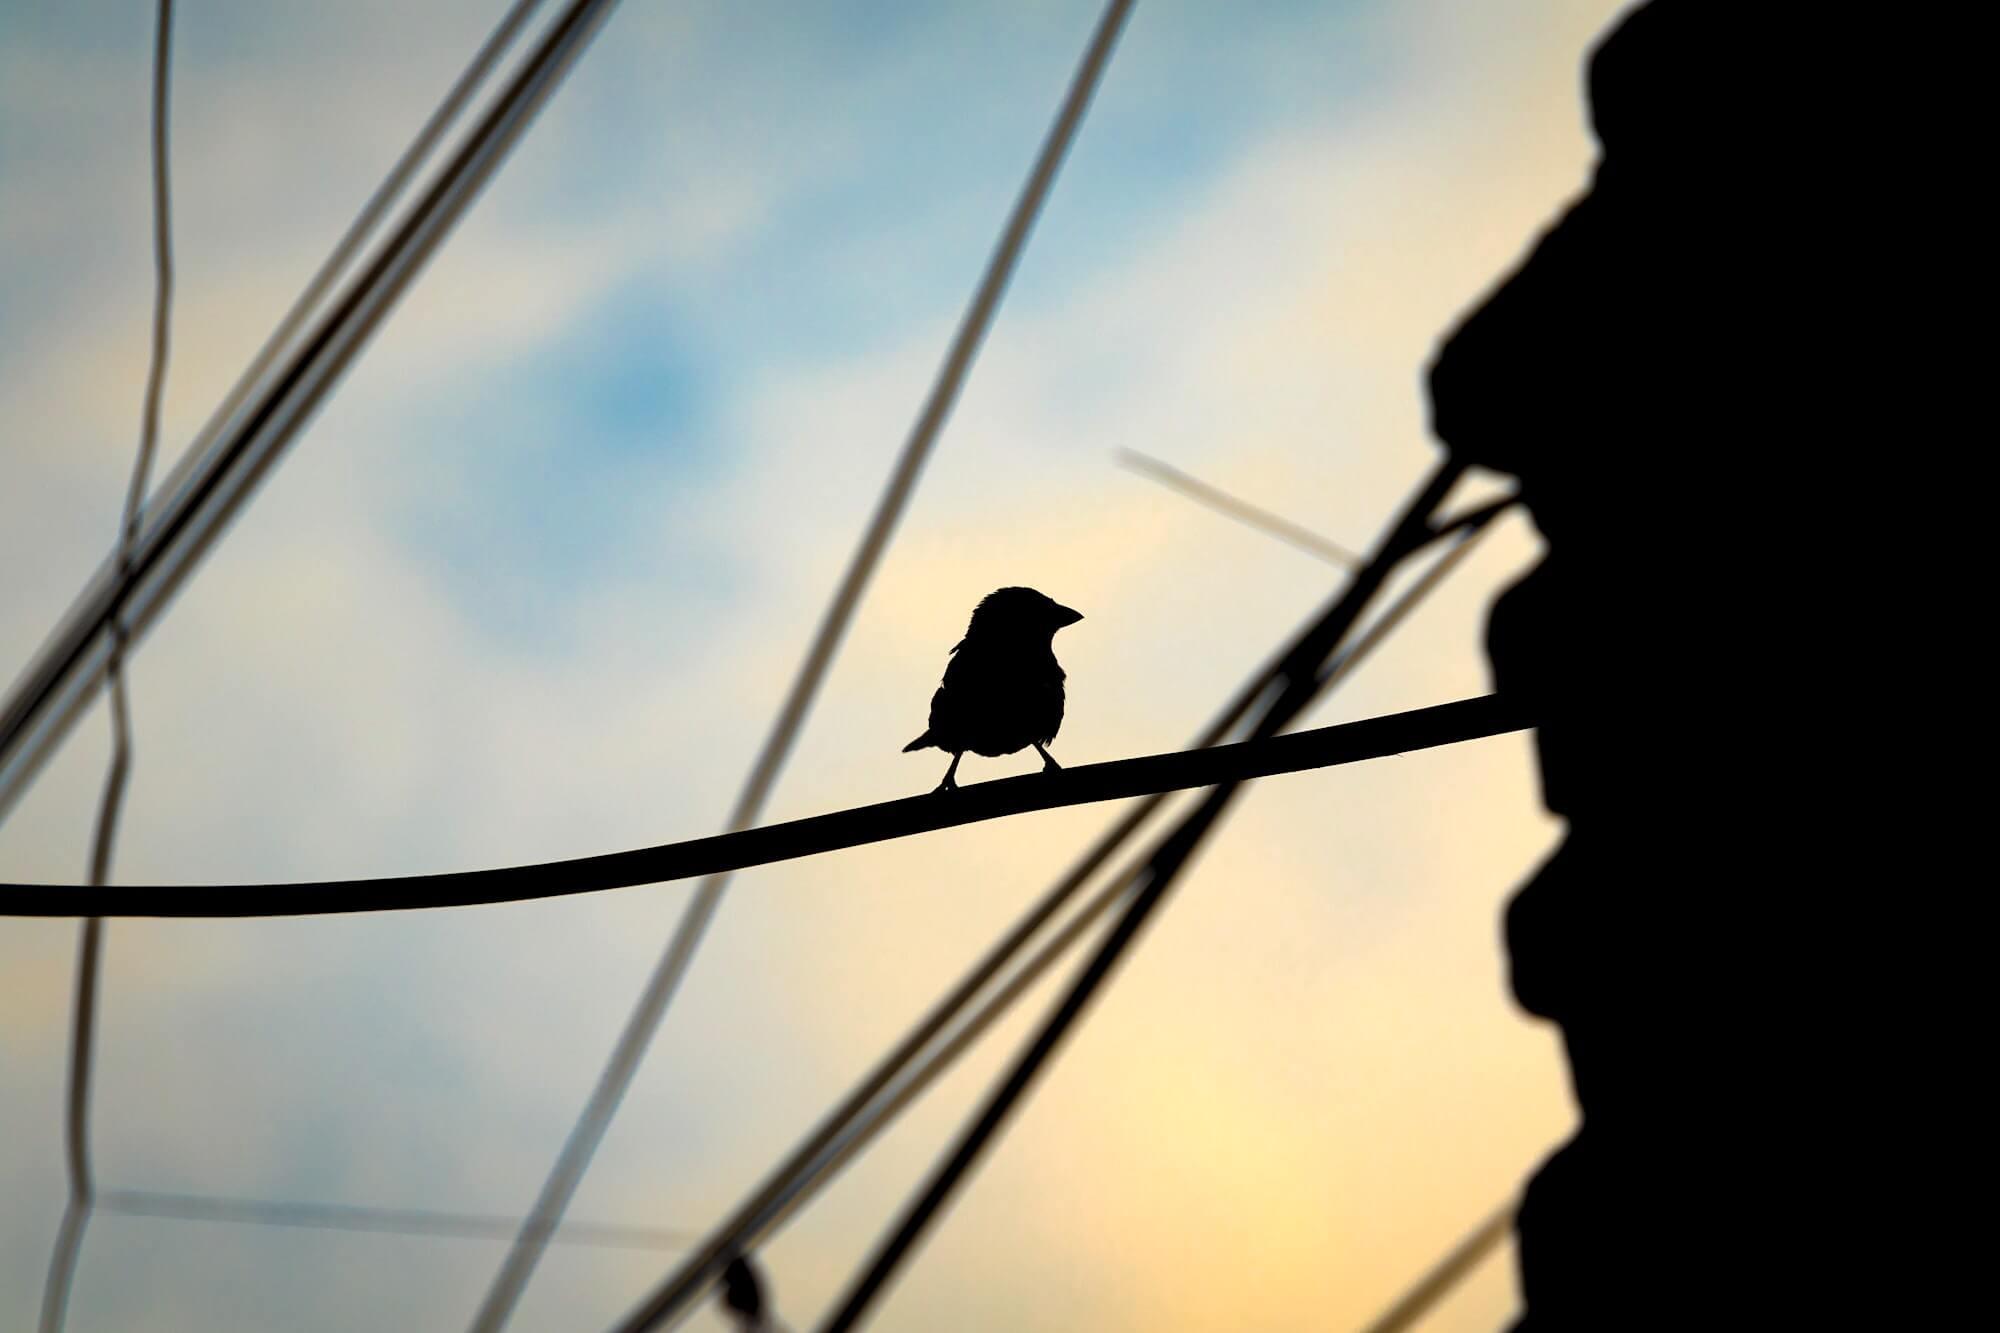 Фотография: Abdul Basit. Источник: Unsplash.com